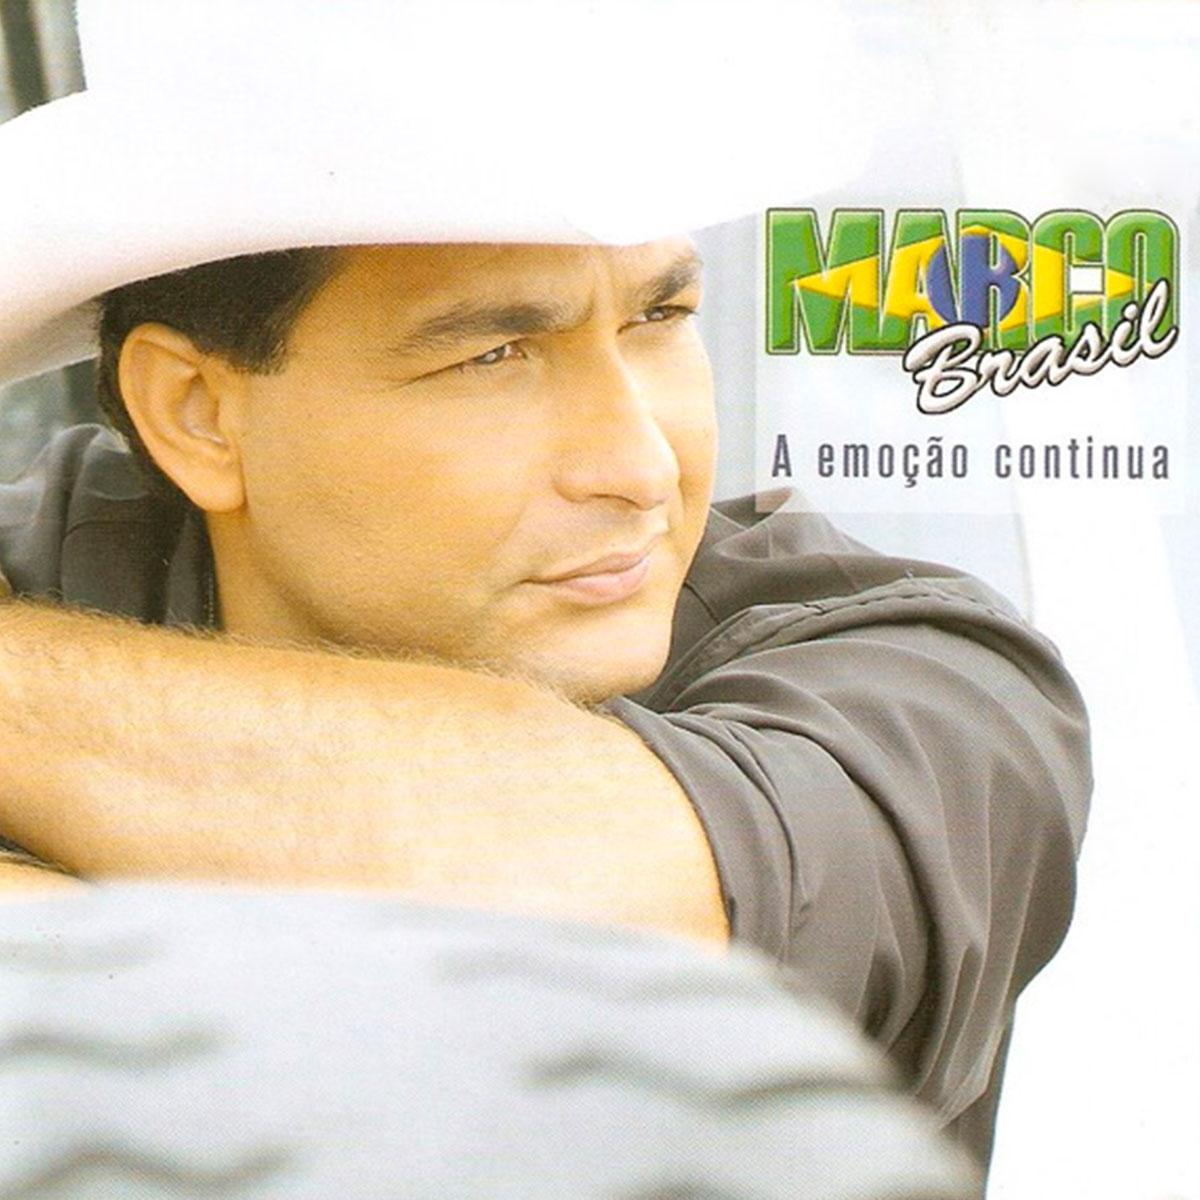 CD Marco Brasil A Emoção Continua